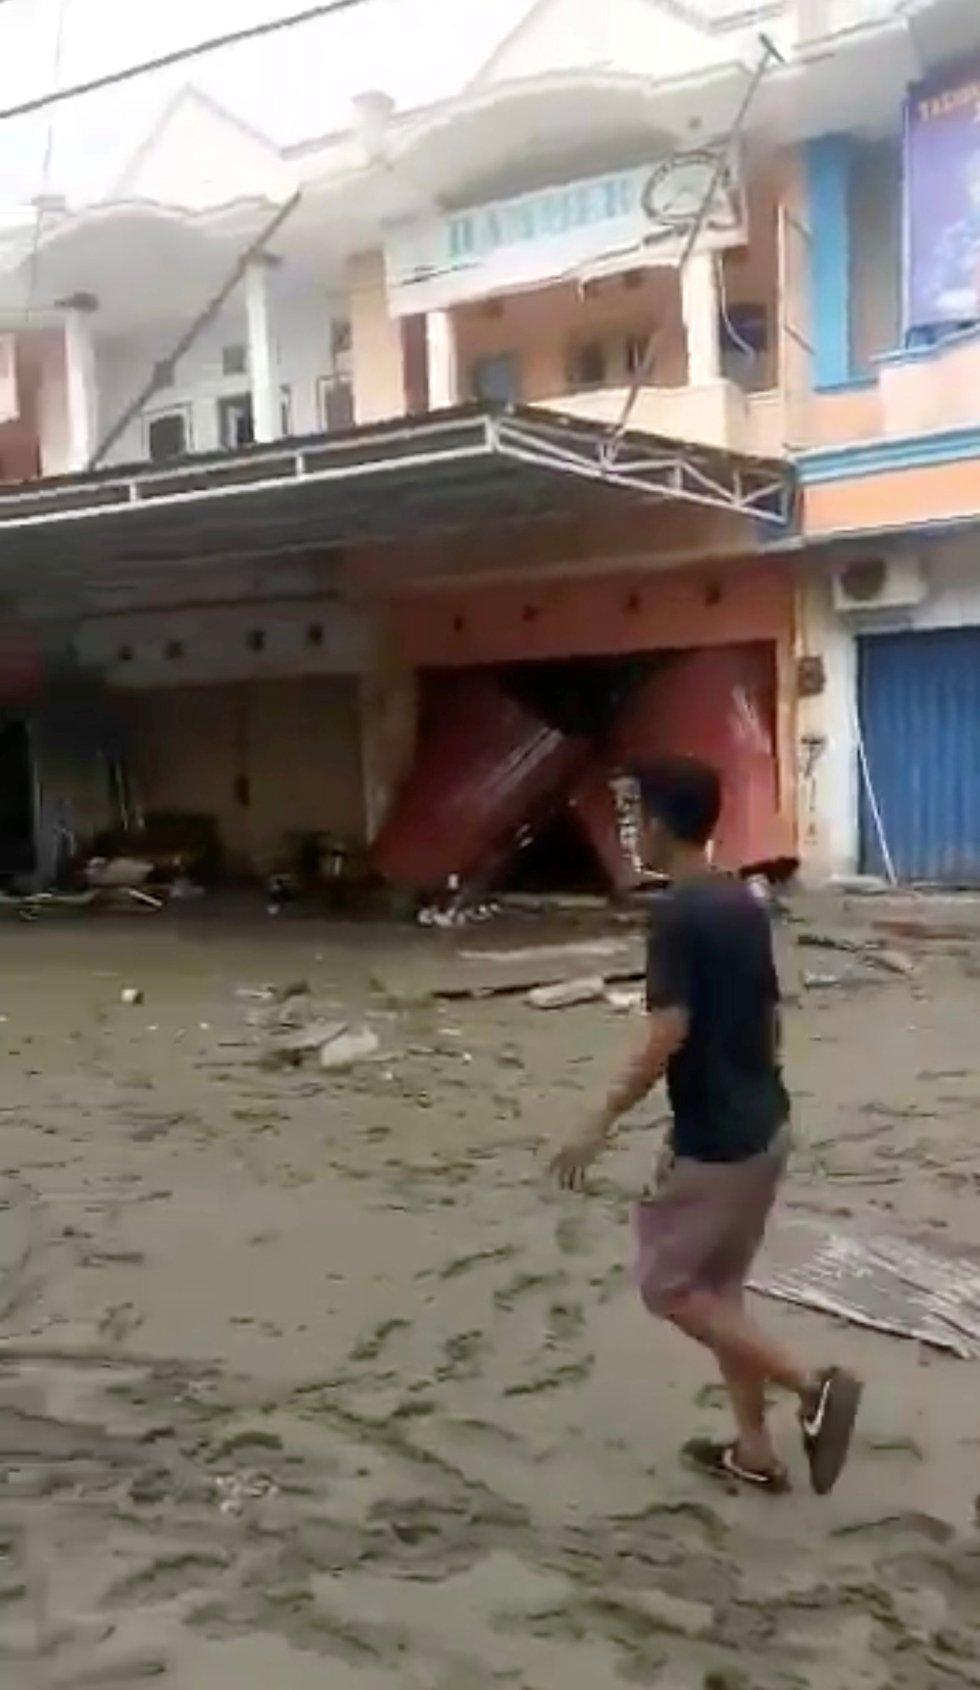 Un joven entre los escombros y ruinas de las casas derrumbadas en Palu.